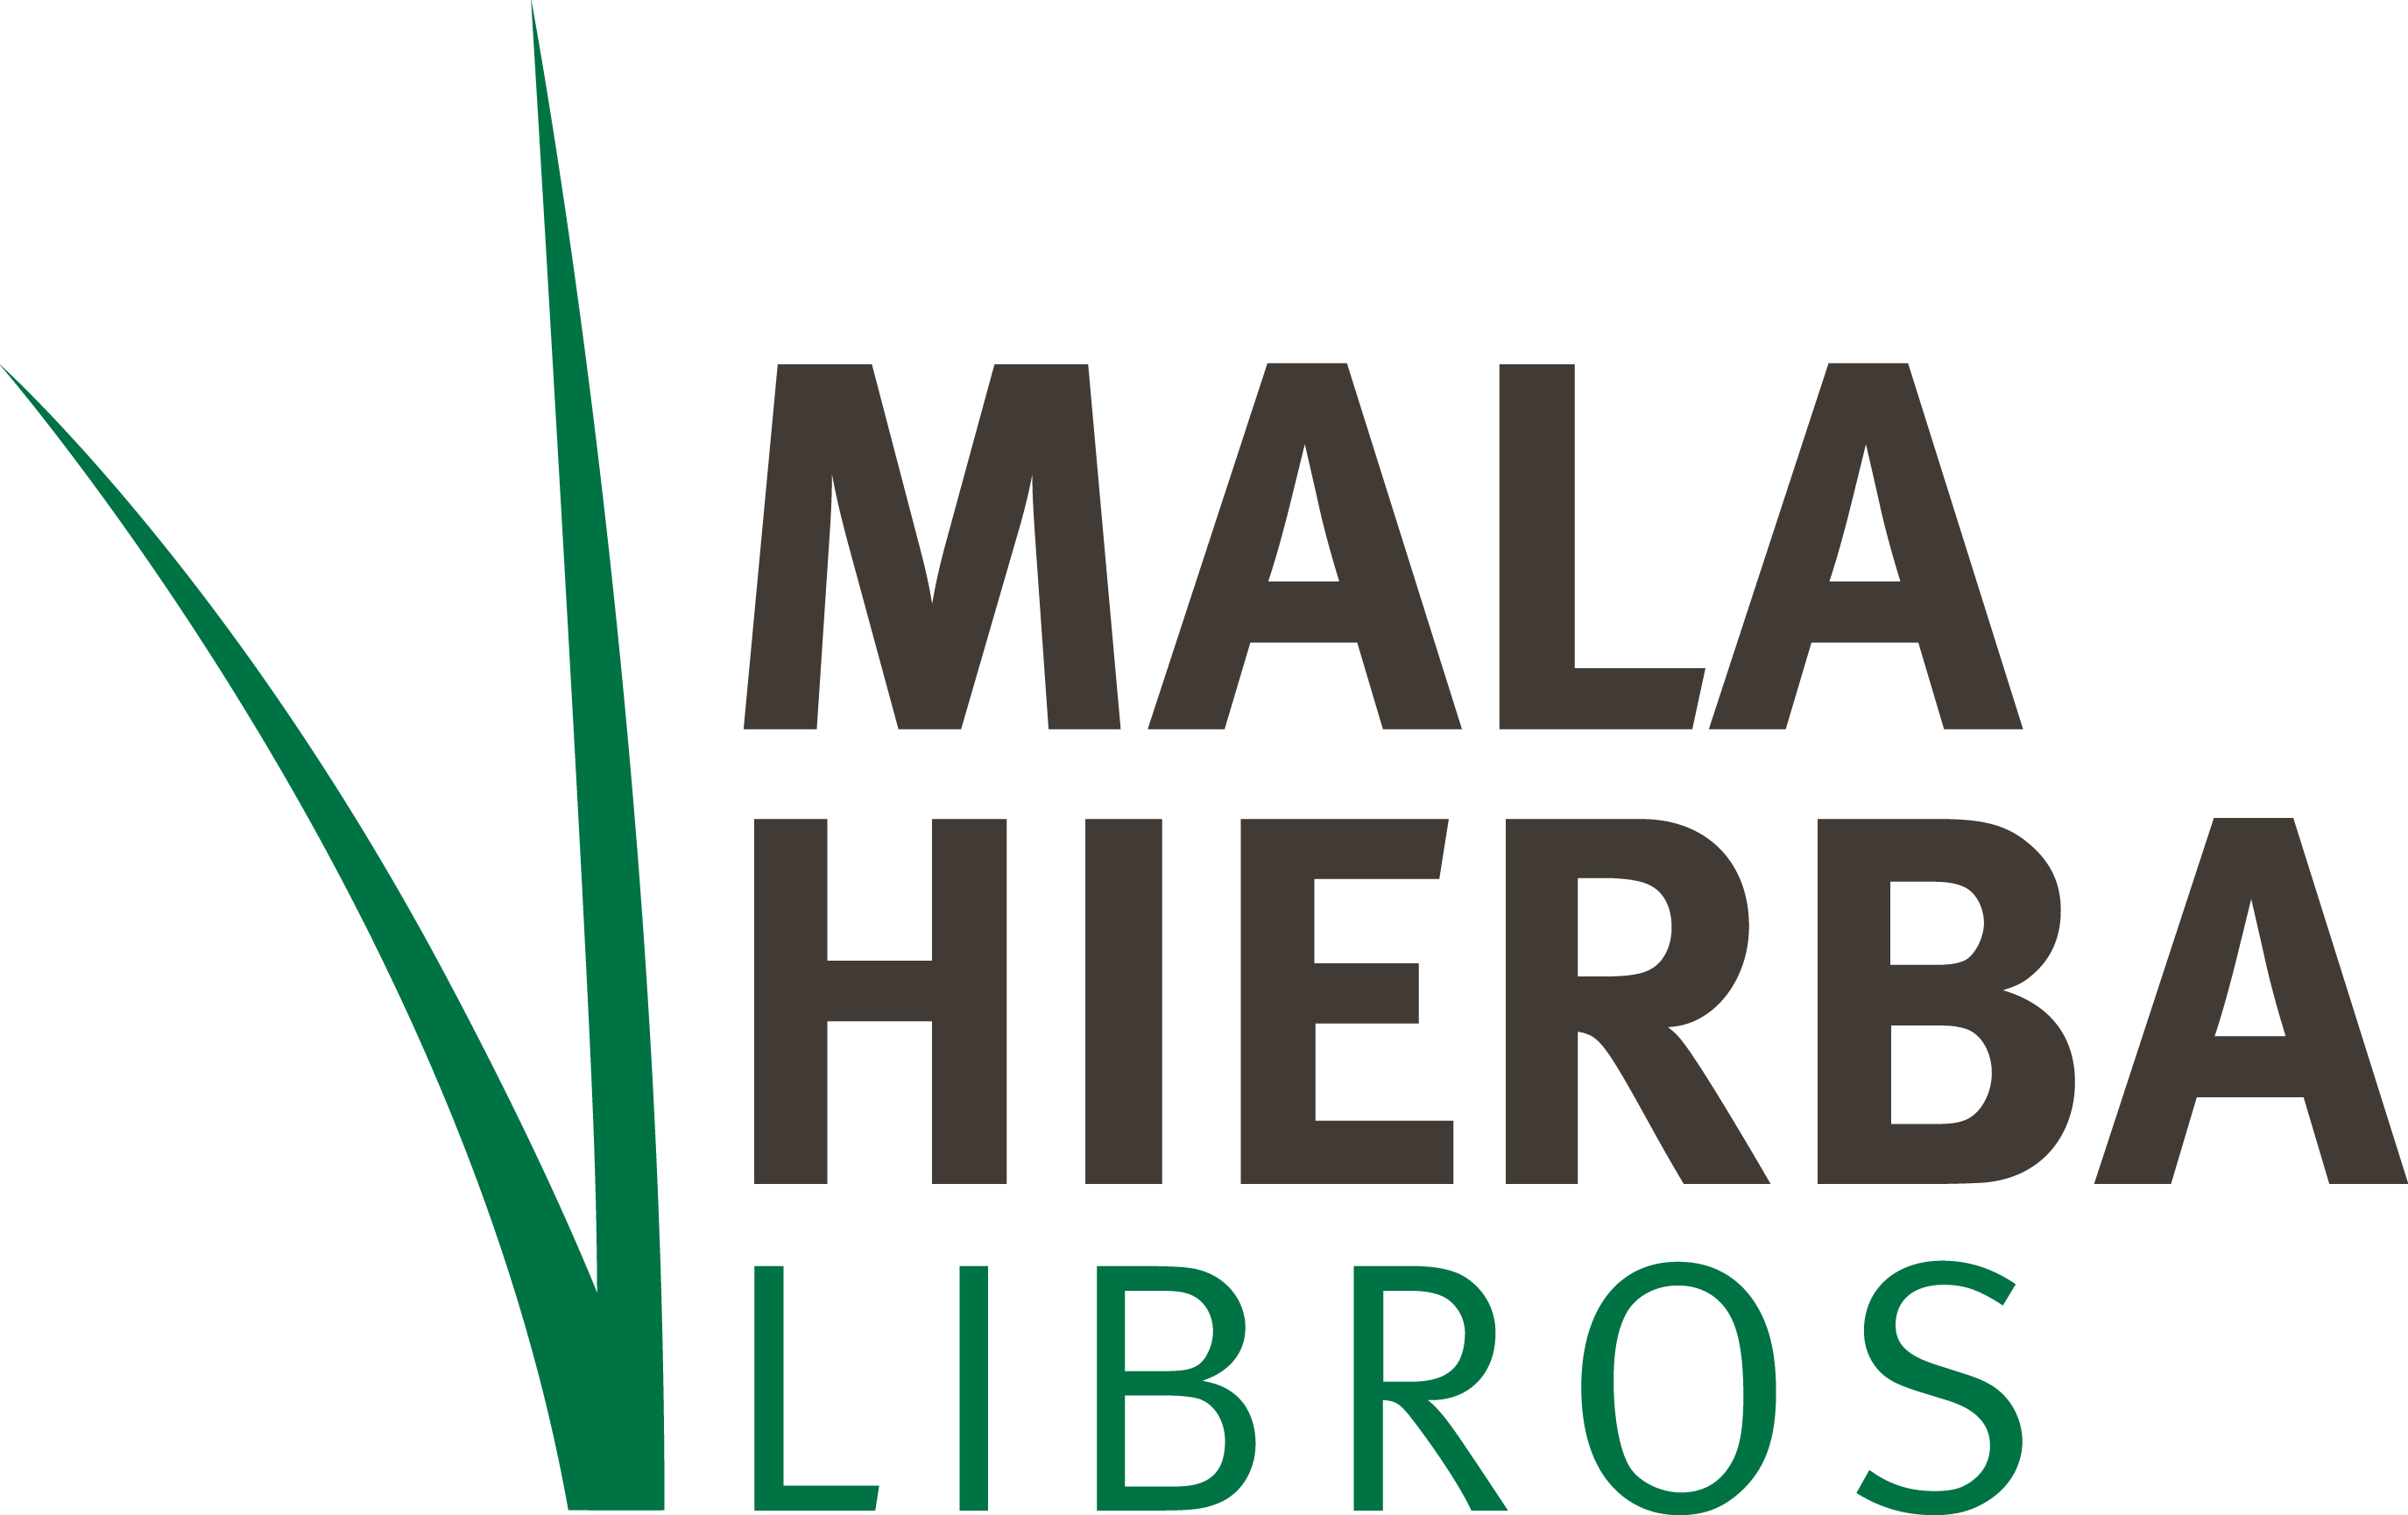 Mala_Hierba_Libros_logo